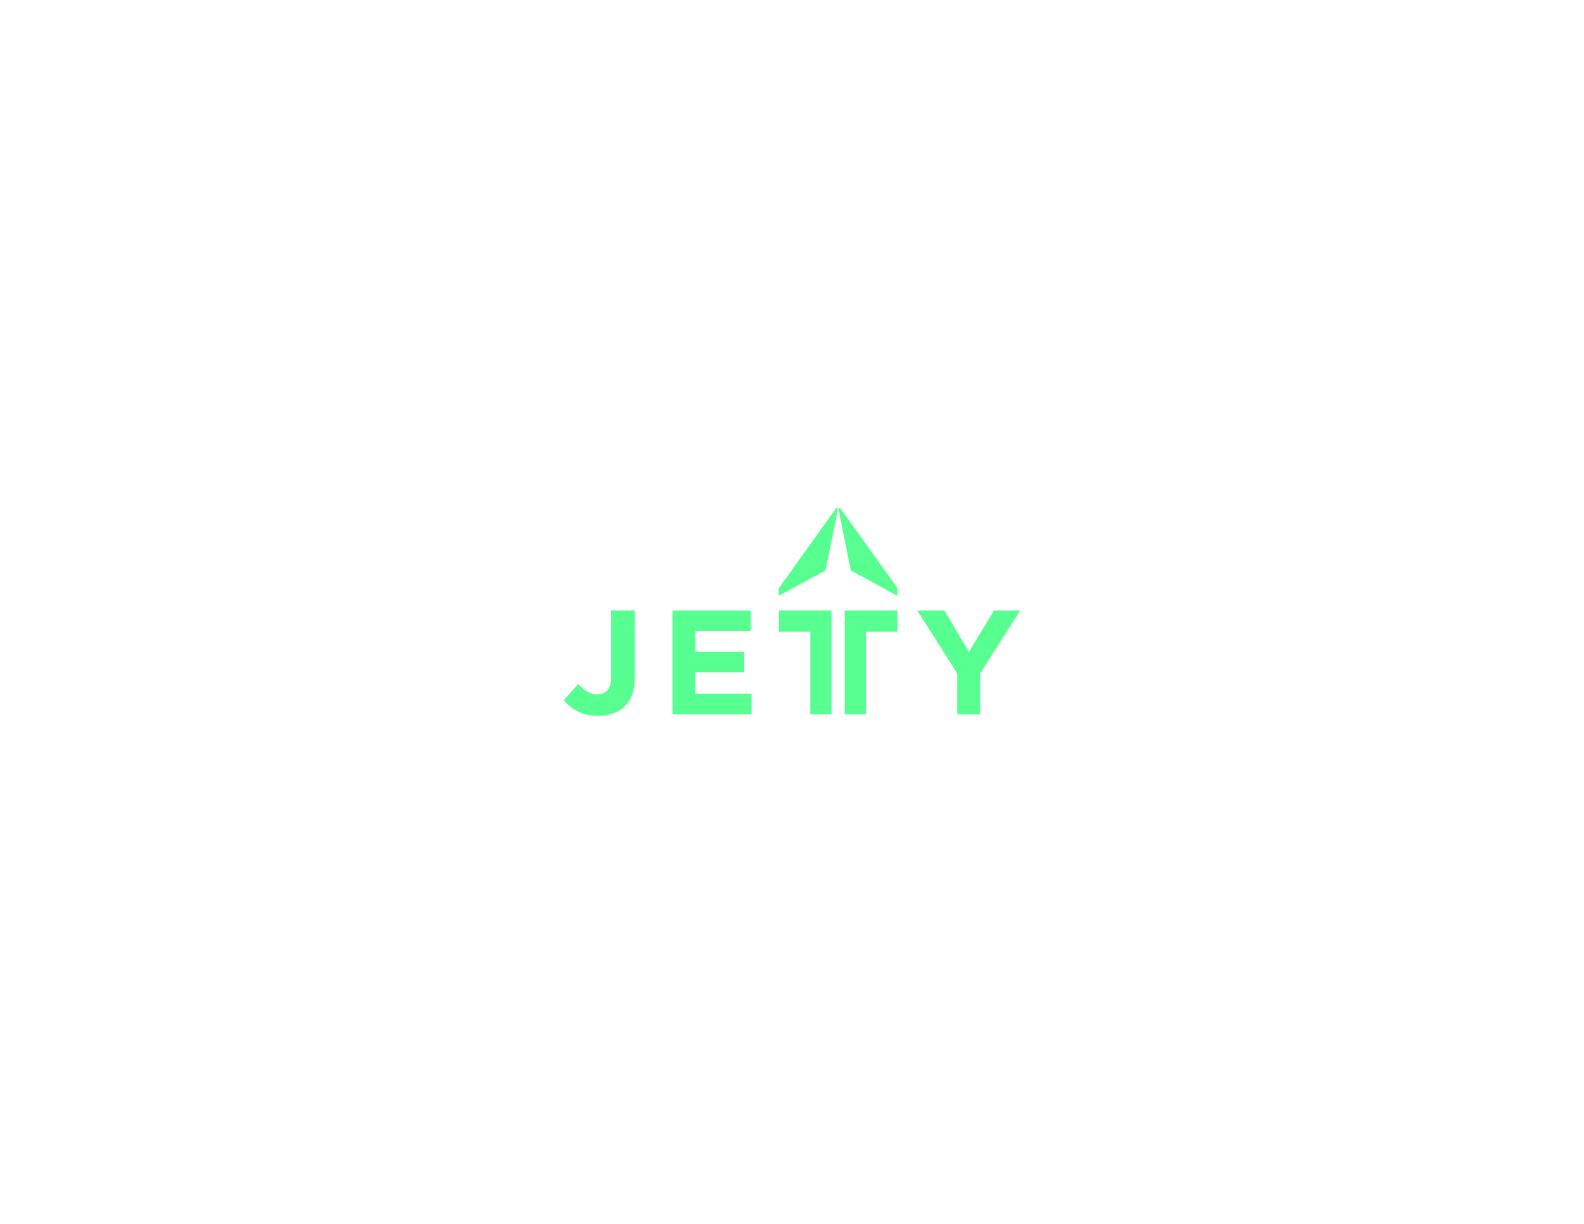 Jetty_Logo @2x-100.jpg